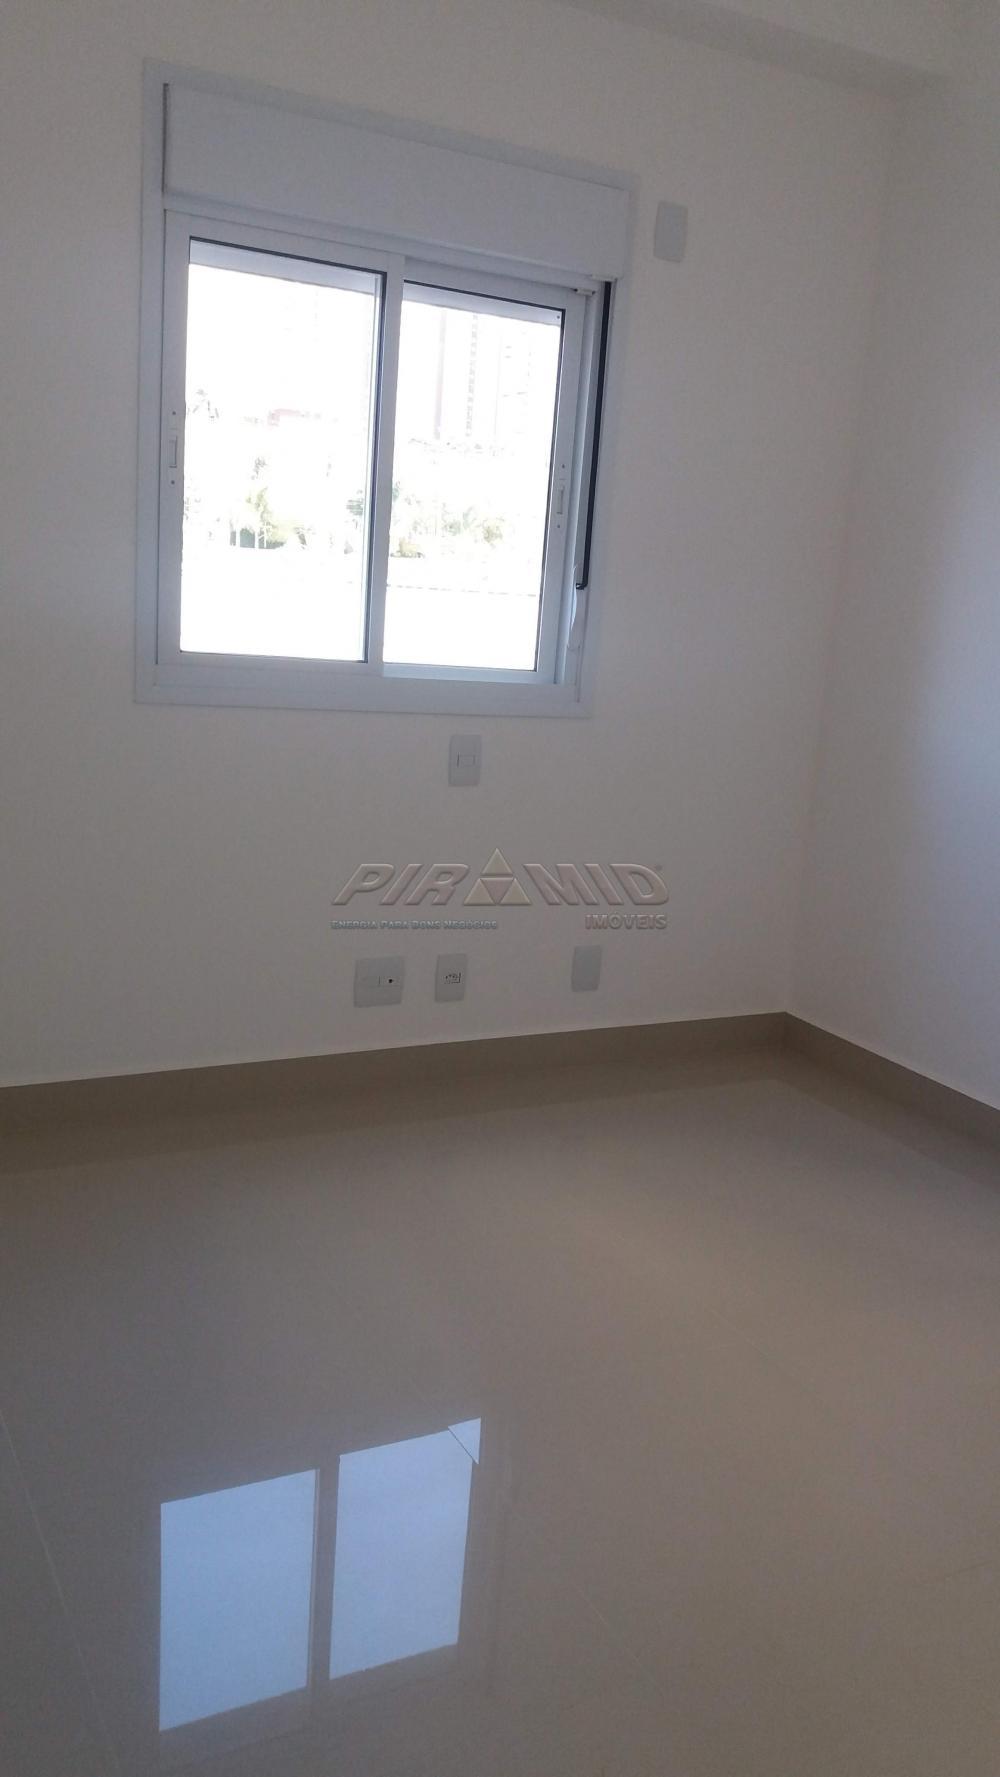 Comprar Apartamento / Padrão em Ribeirão Preto apenas R$ 785.648,24 - Foto 8